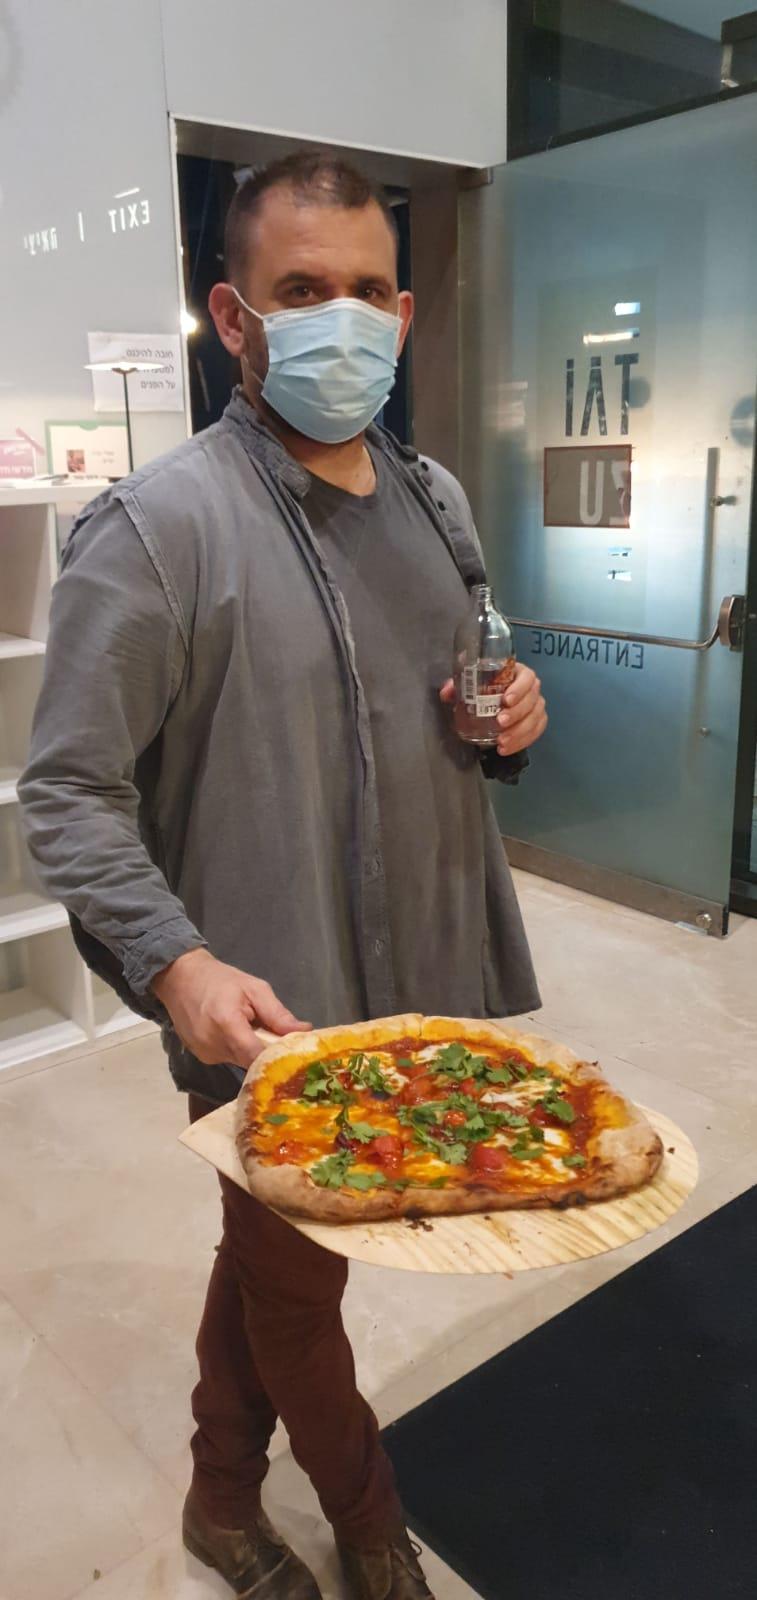 פיצה בטאיזו, ההיית או חלמנו חלום? (בדצמבר תפסנו אותם על חם בשלב הניסויים)